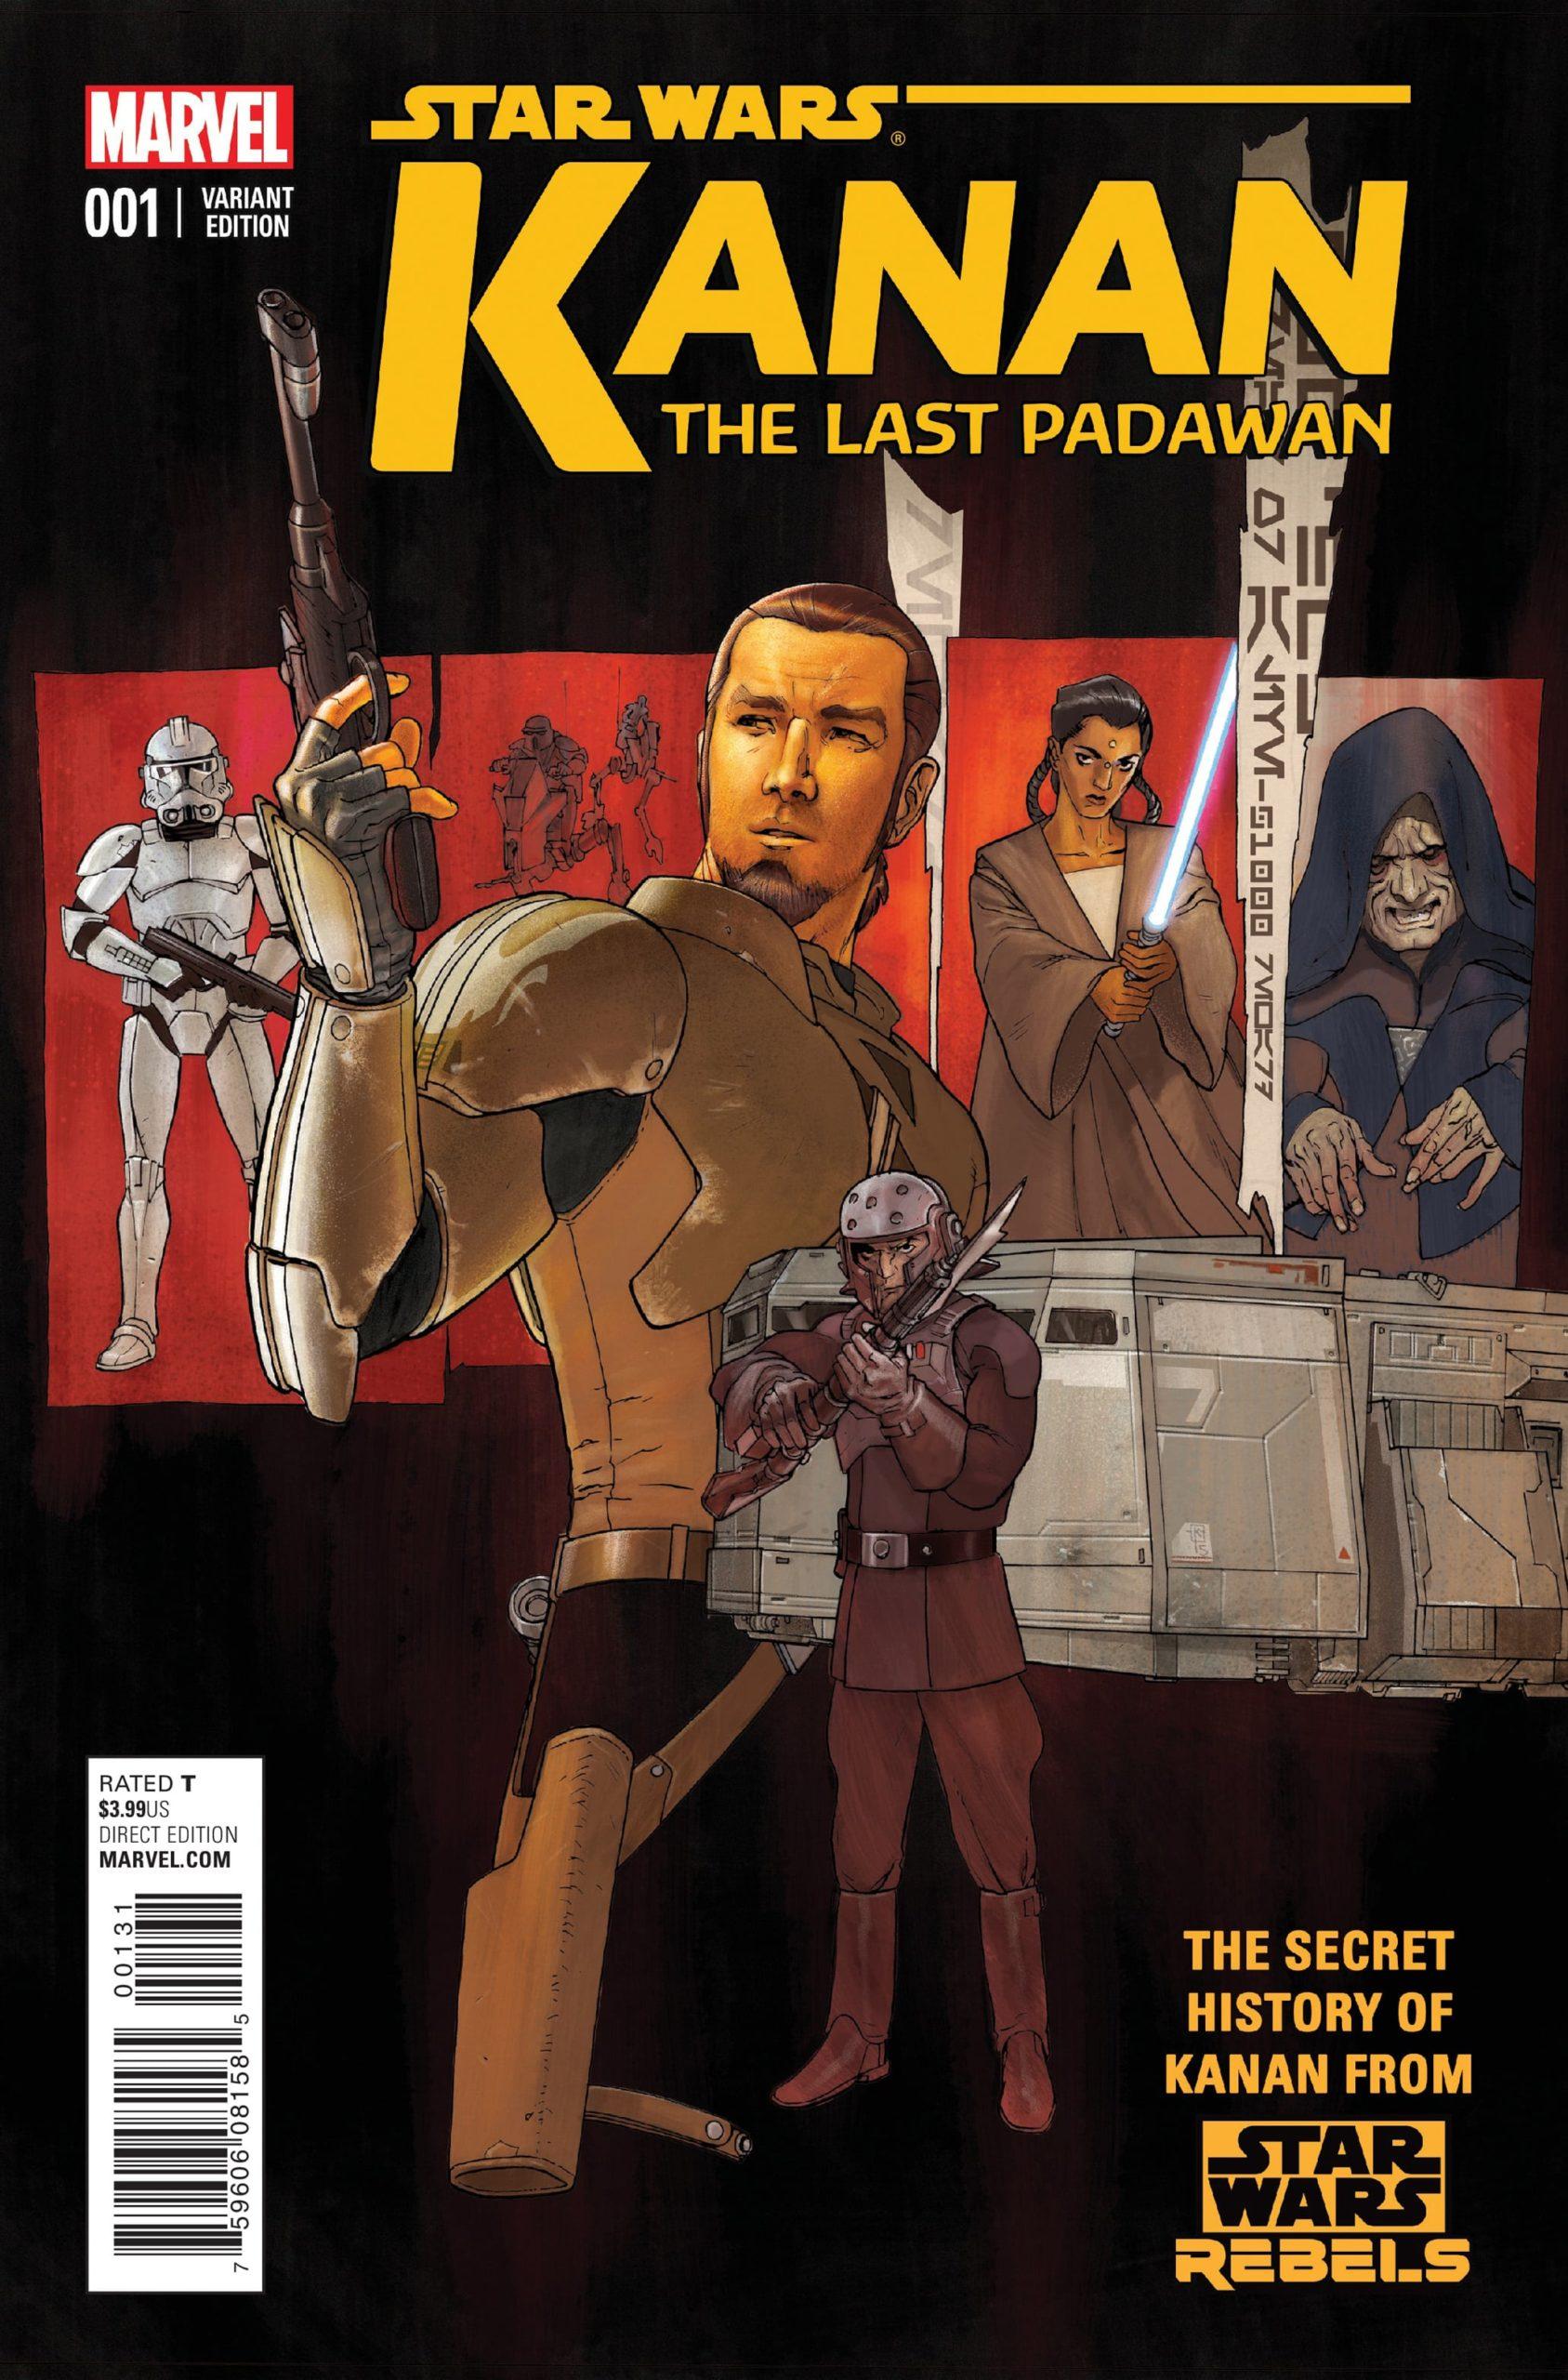 Kanan the last padawan - Killian Plunkett